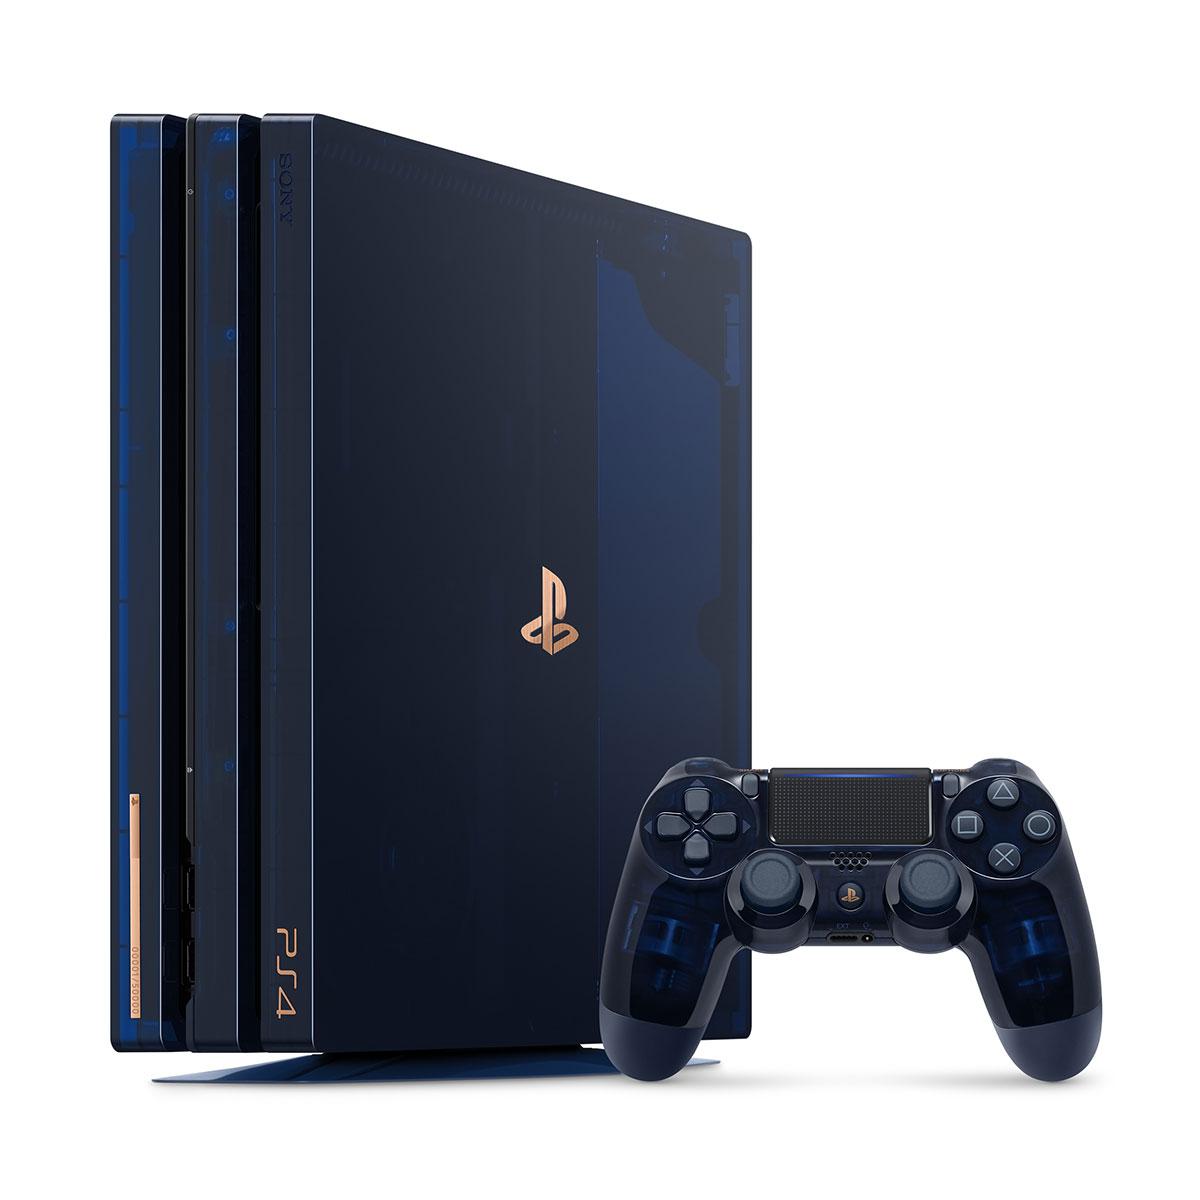 5億台突破記念で「PlayStation 4 Pro」の全世界5万台限定スケルトンモデルが登場